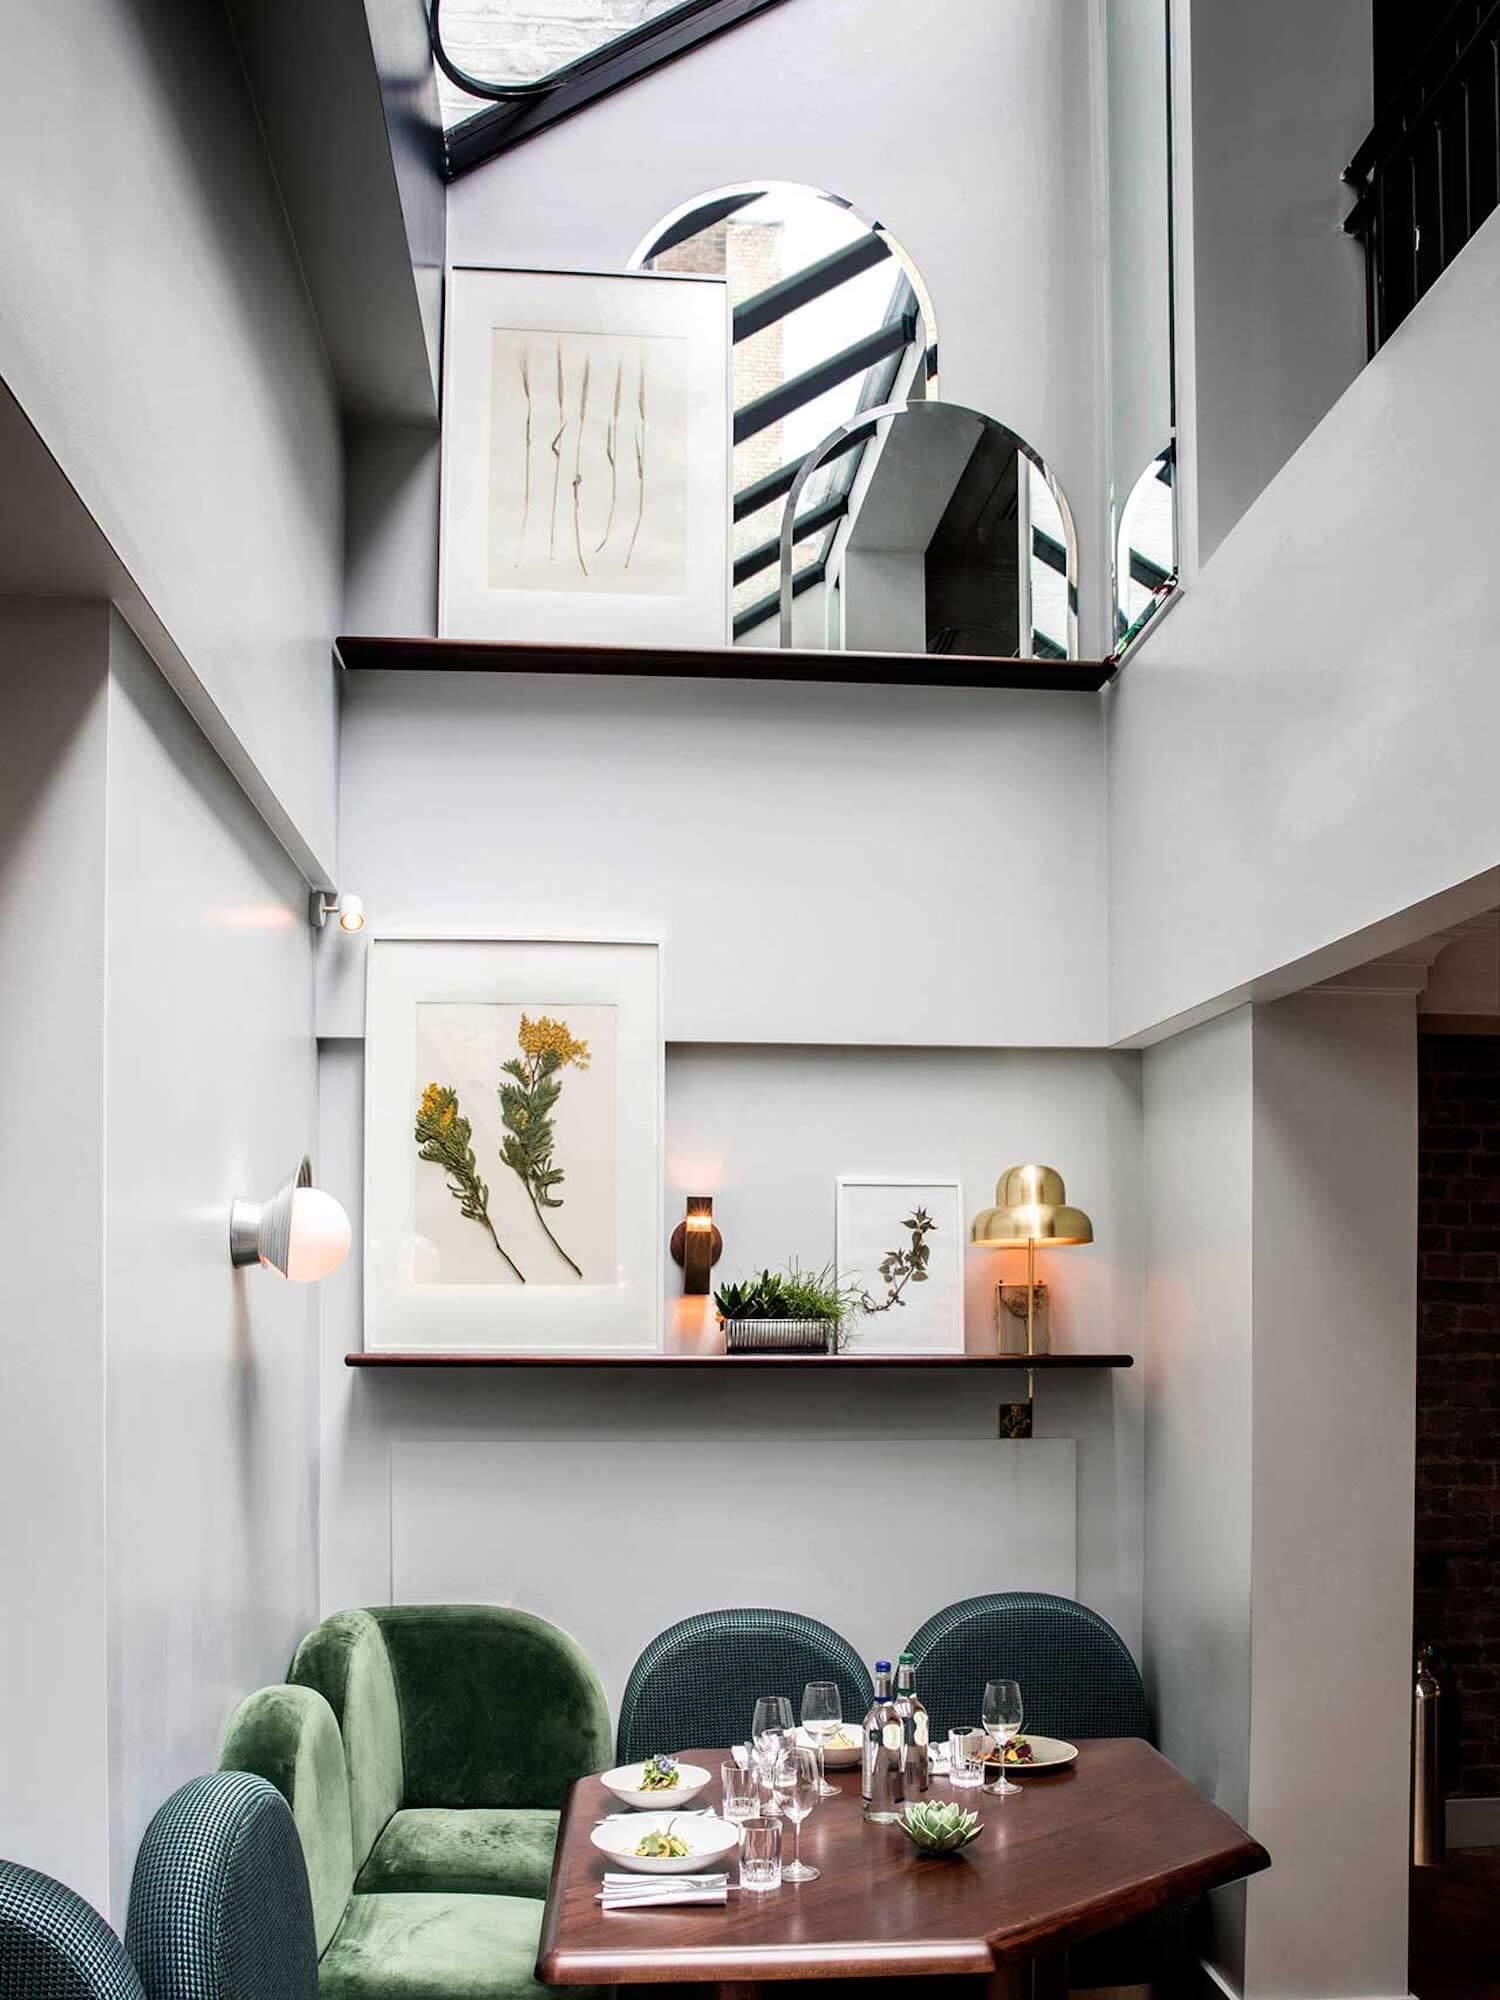 est living henrietta hotel dorothee meilichzon 6